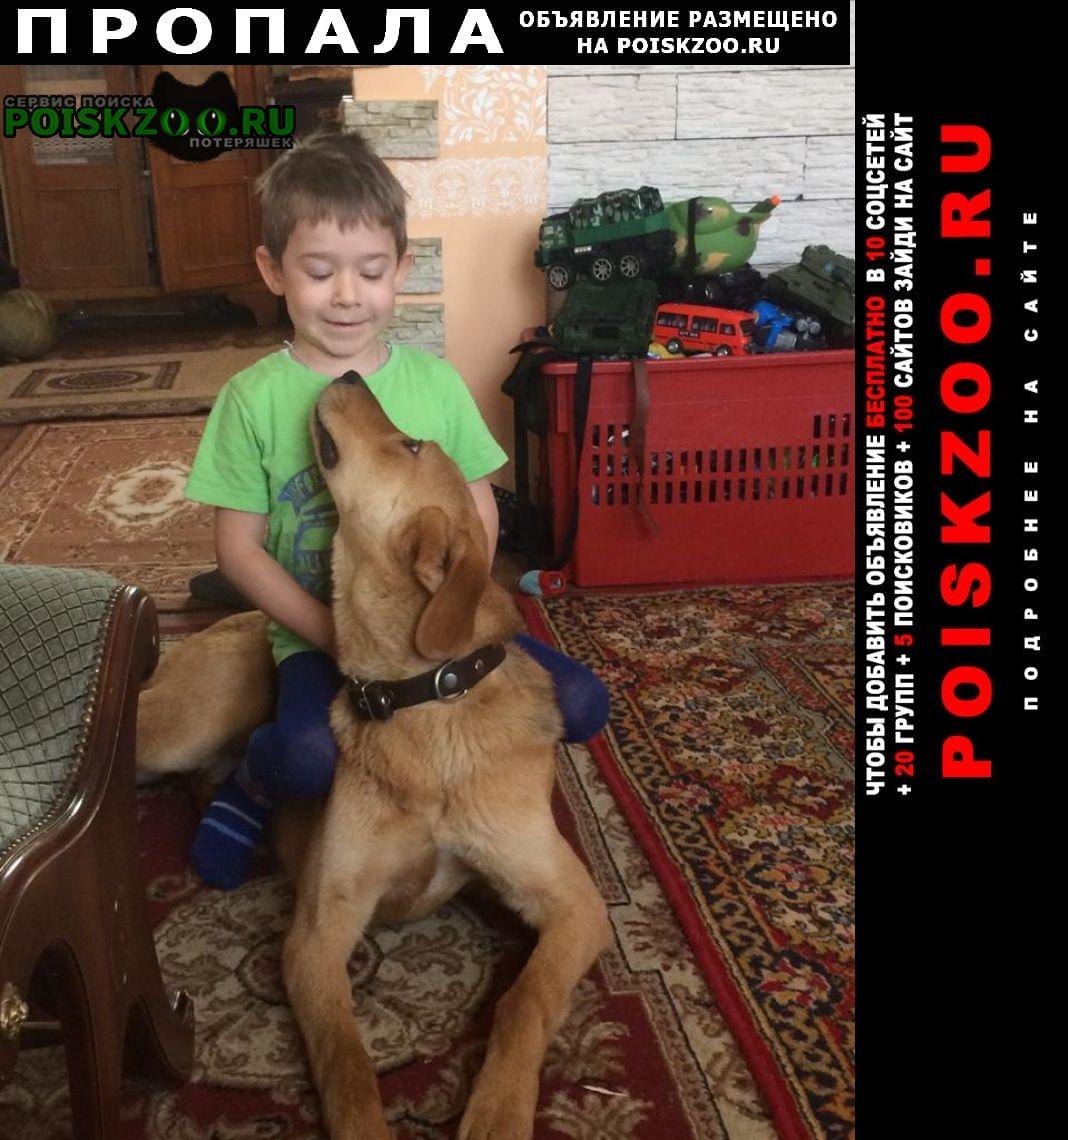 Пропала собака кобель русской пегой гончей Новосибирск